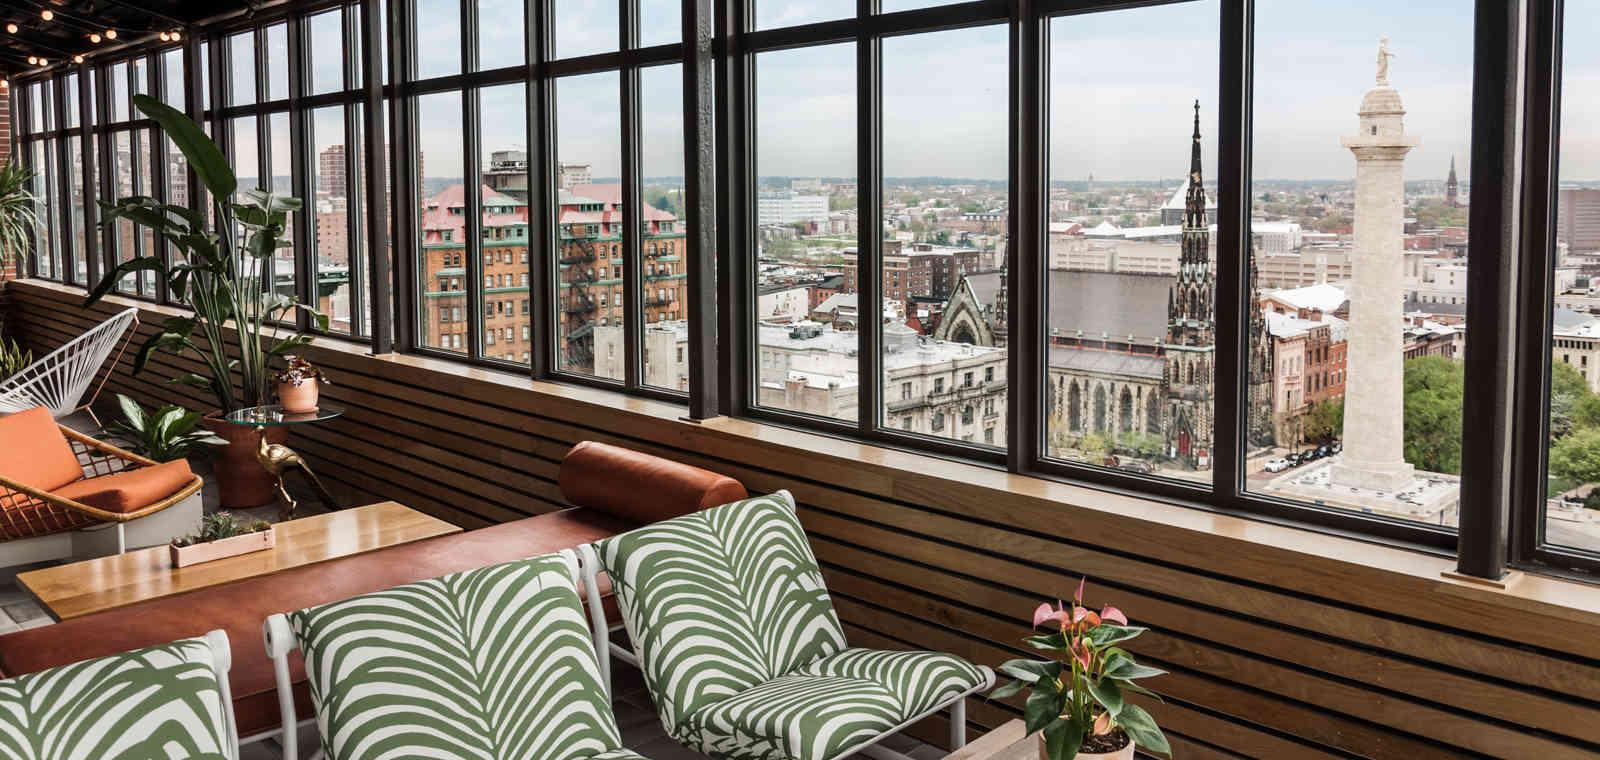 hotelrevival_gardenroom